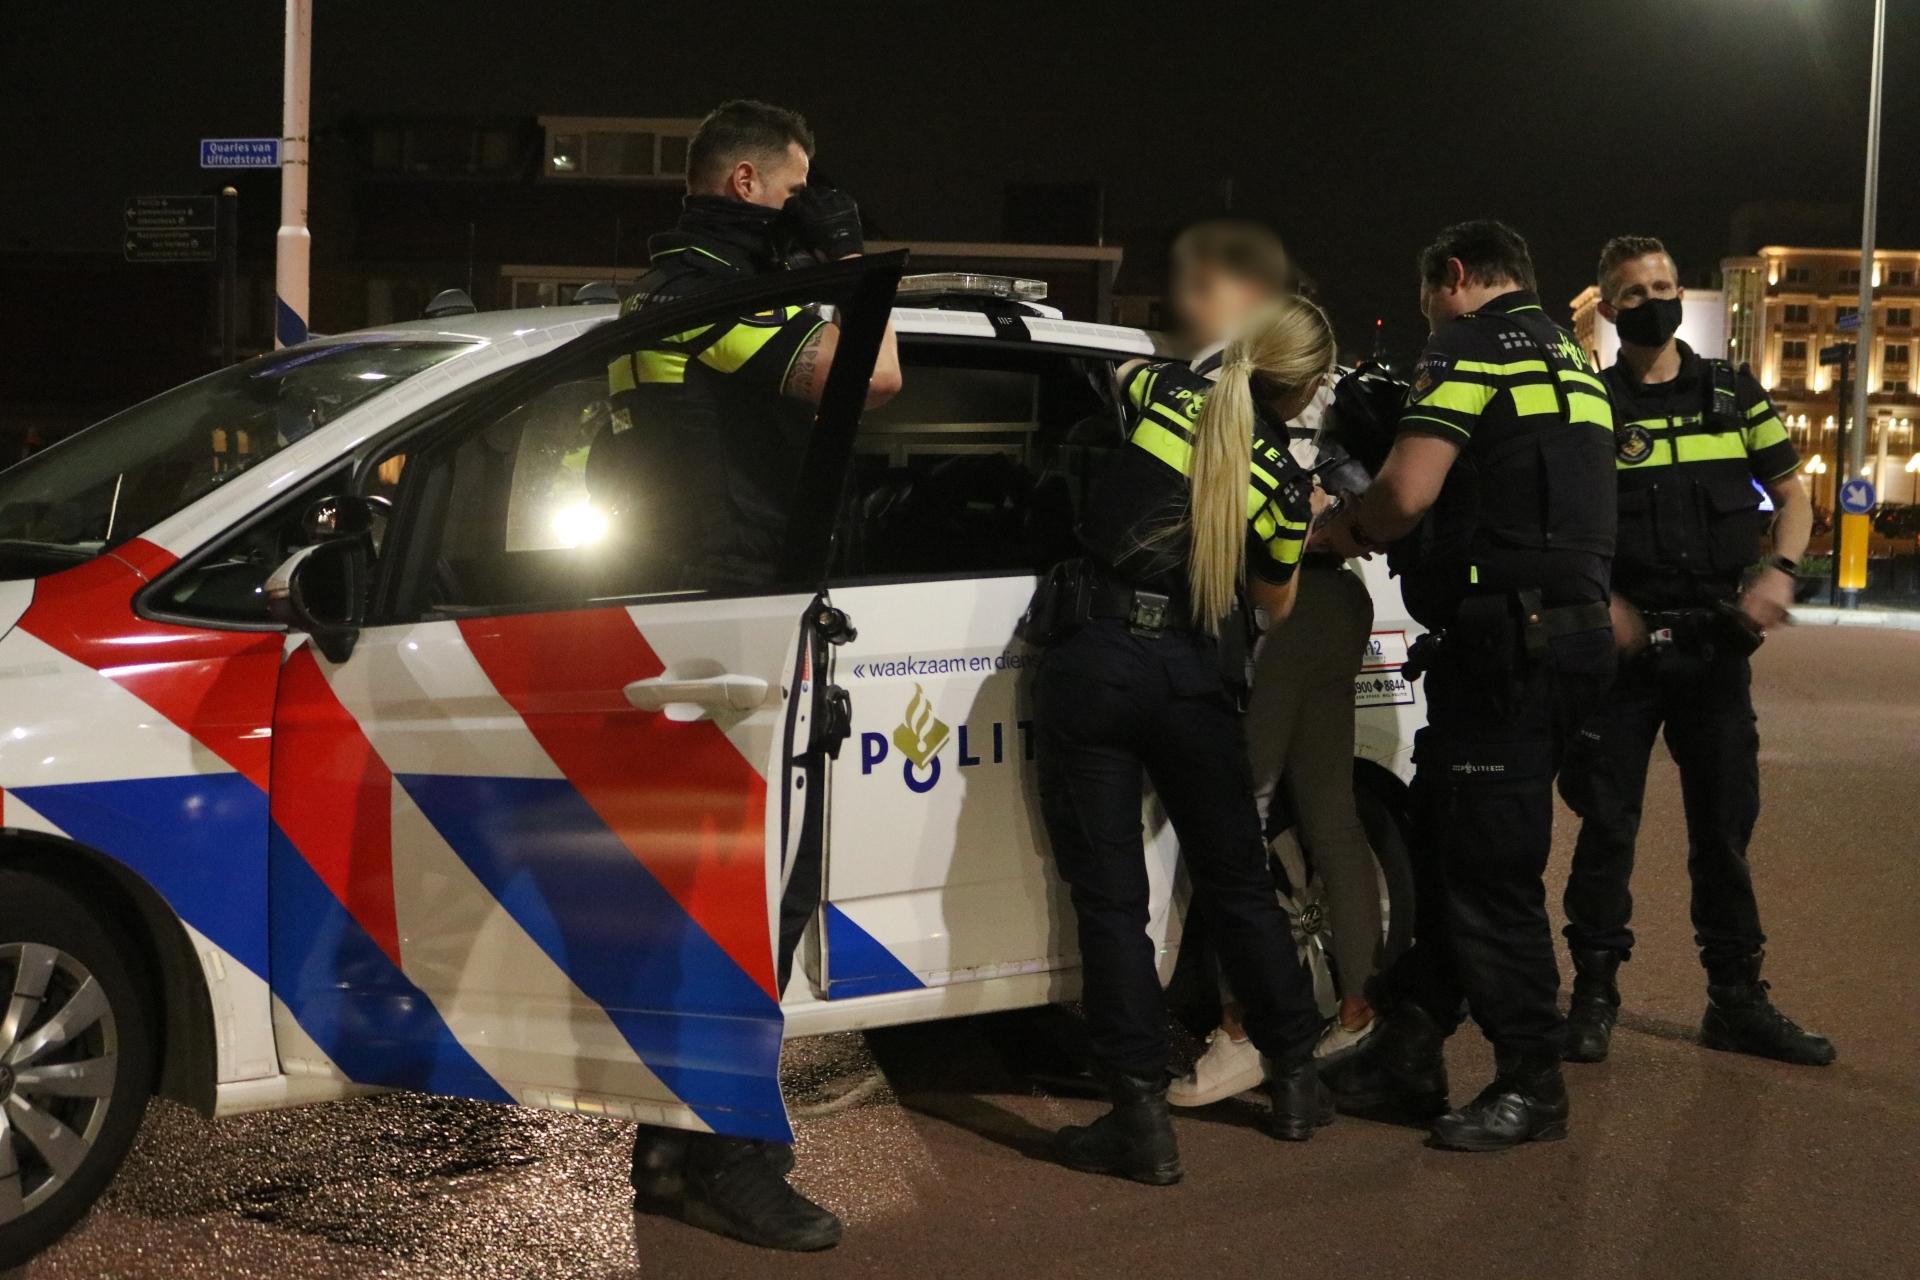 Feest op strand Noordwijk was onacceptabel gedrag, zegt burgemeester Wendy Verkleij